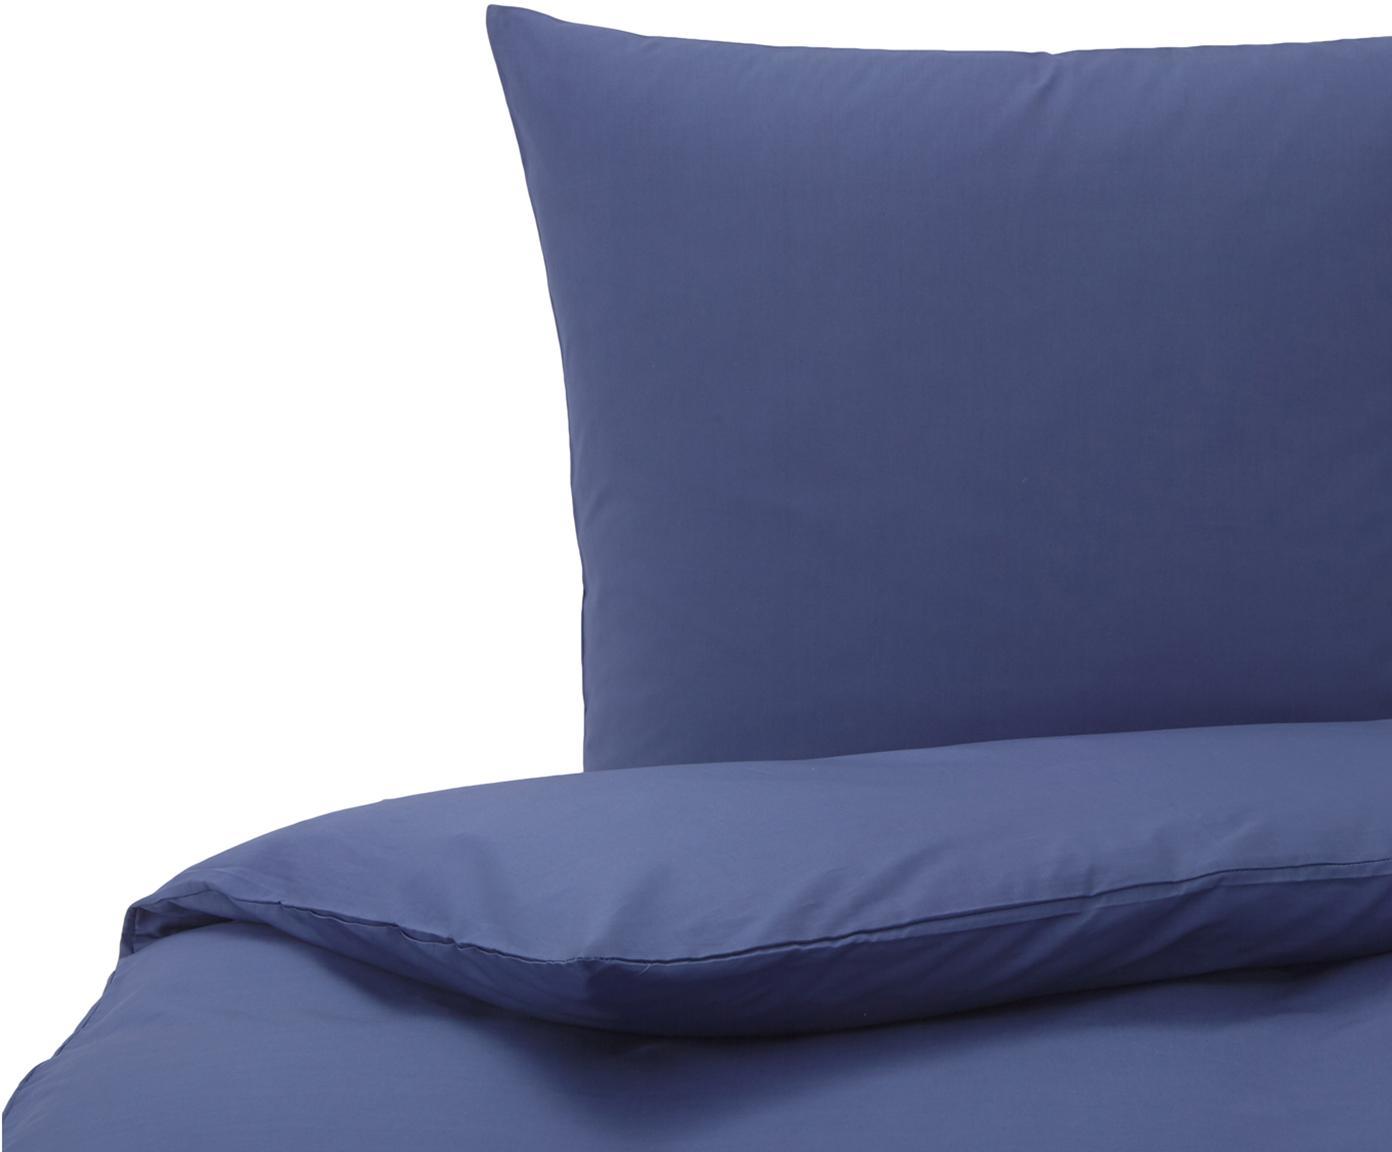 Baumwoll-Bettwäsche Weekend in Dunkelblau, 100% Baumwolle Bettwäsche aus Baumwolle fühlt sich auf der Haut angenehm weich an, nimmt Feuchtigkeit gut auf und eignet sich für Allergiker., Dunkelblau, 135 x 200 cm + 1 Kissen 80 x 80 cm